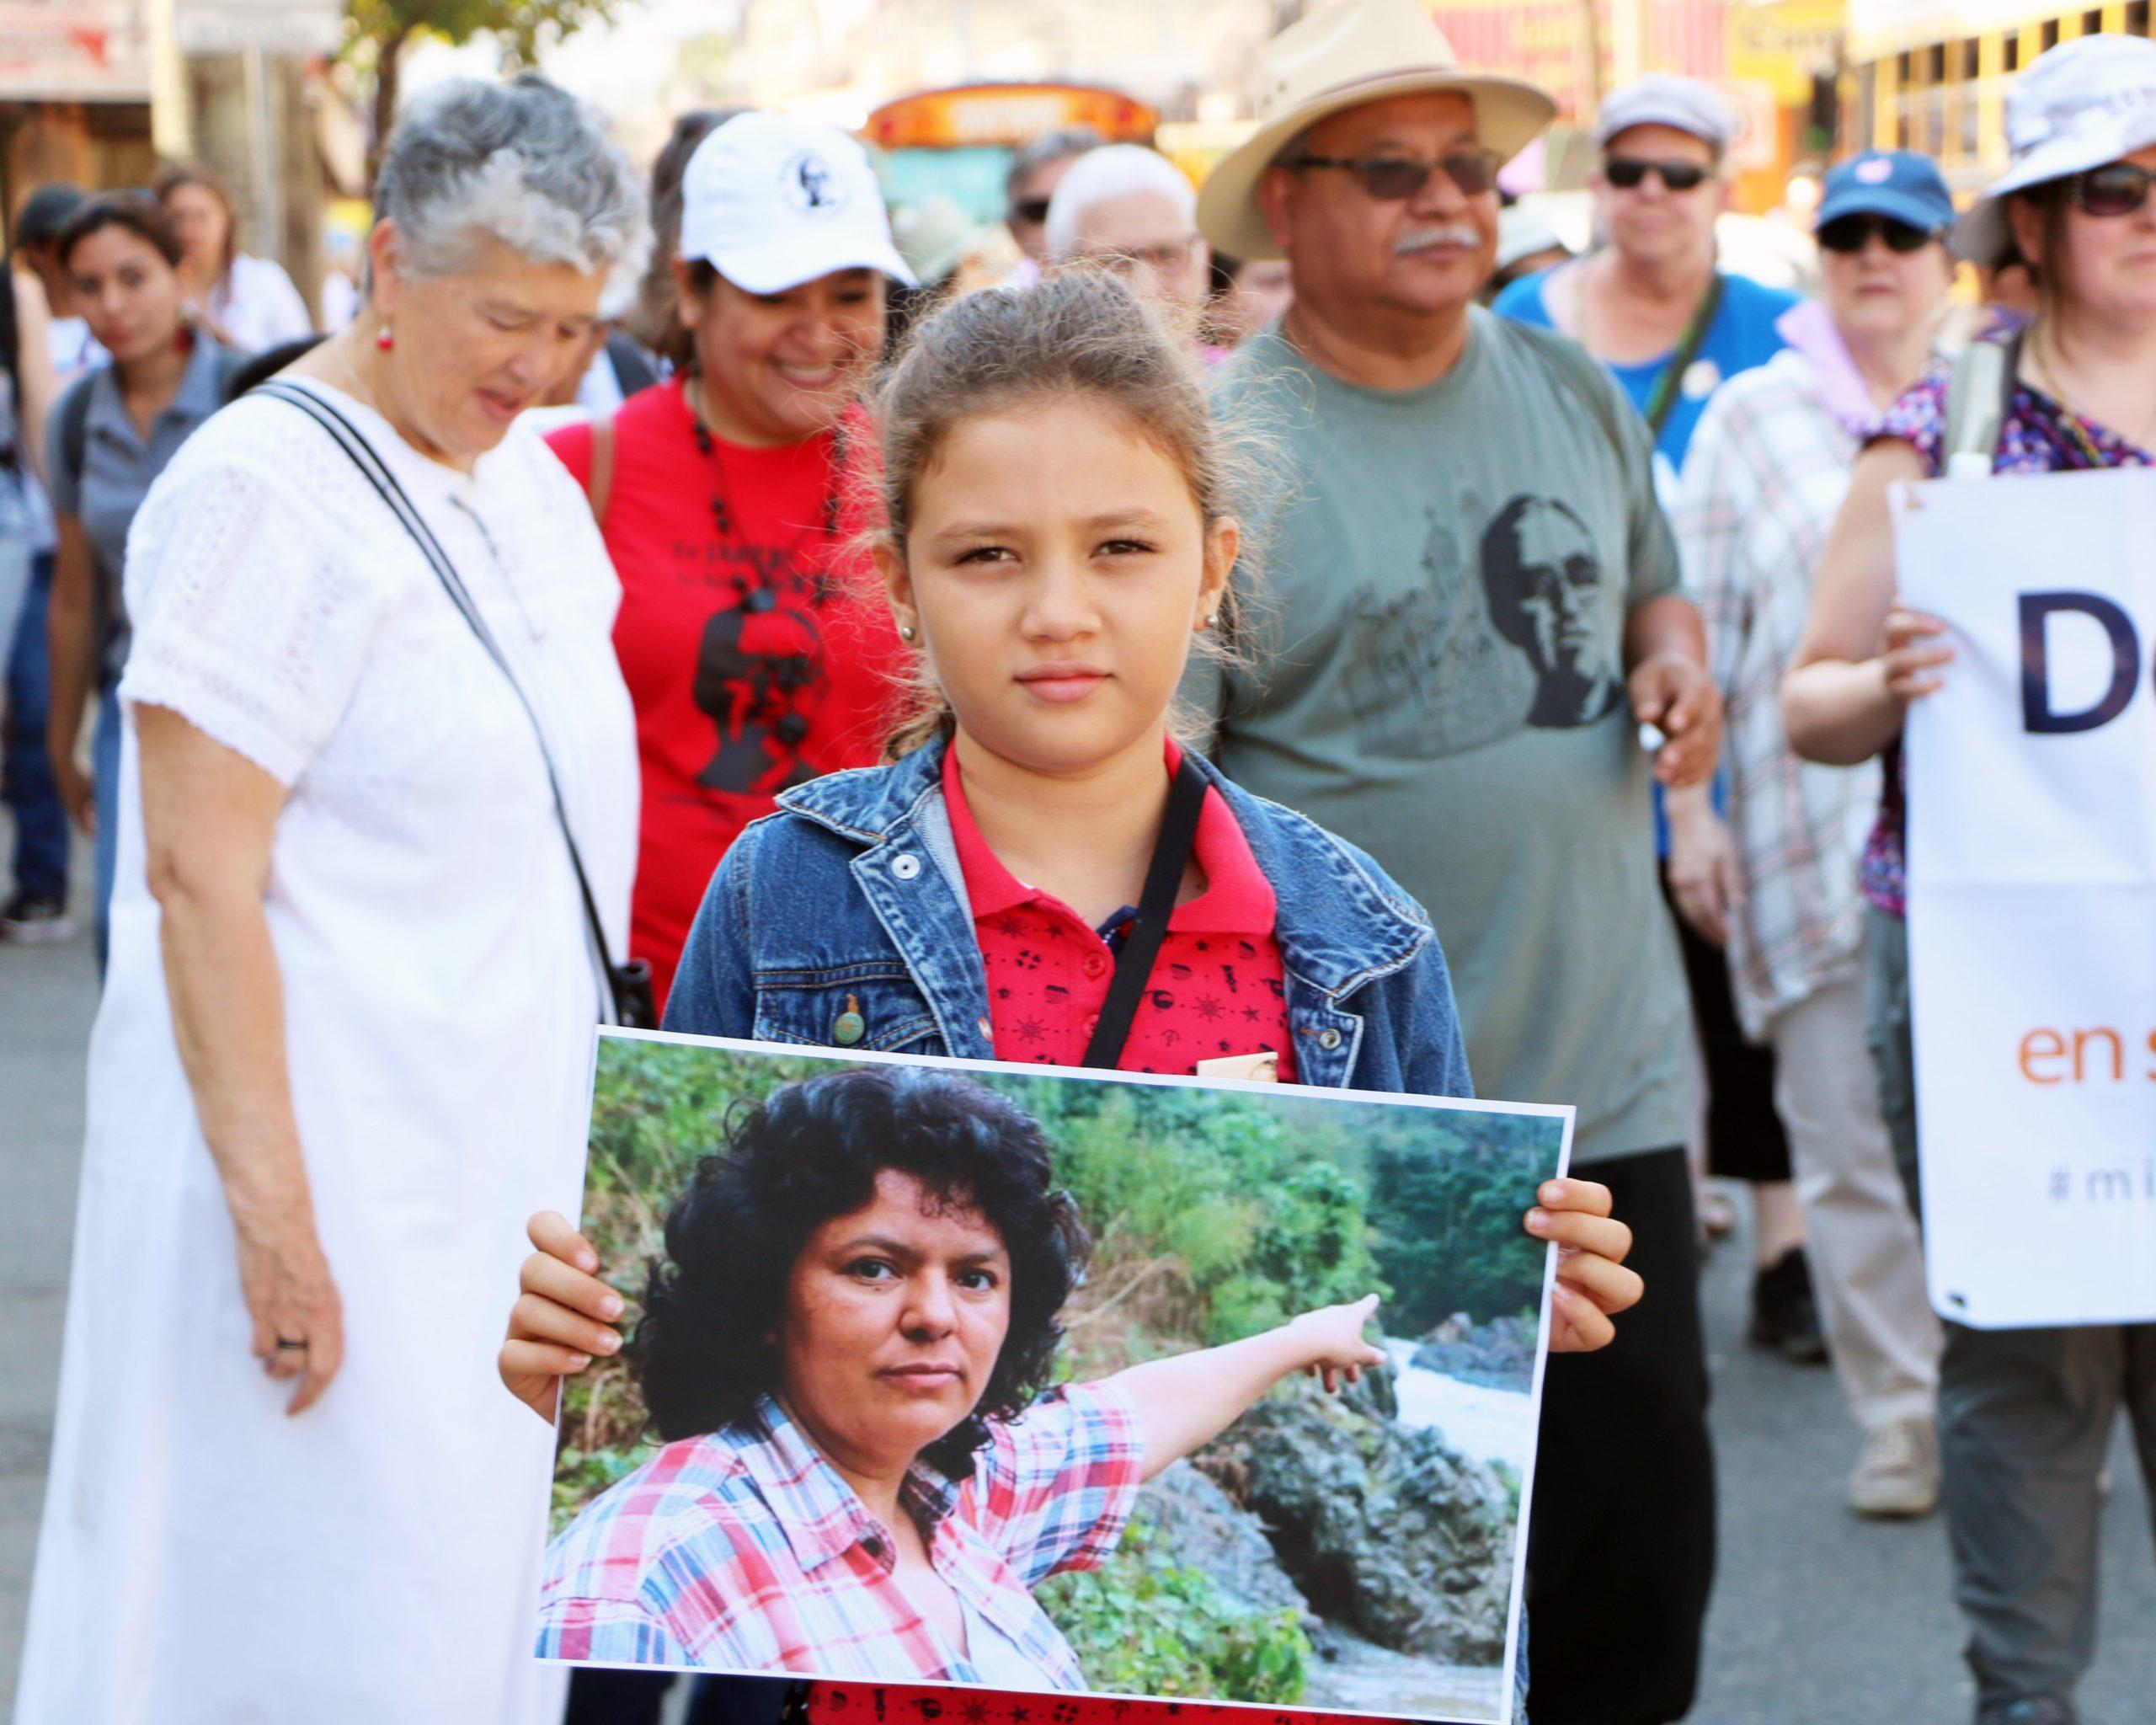 Una niña porta una foto de Berta Cáceres durante una manifestación.